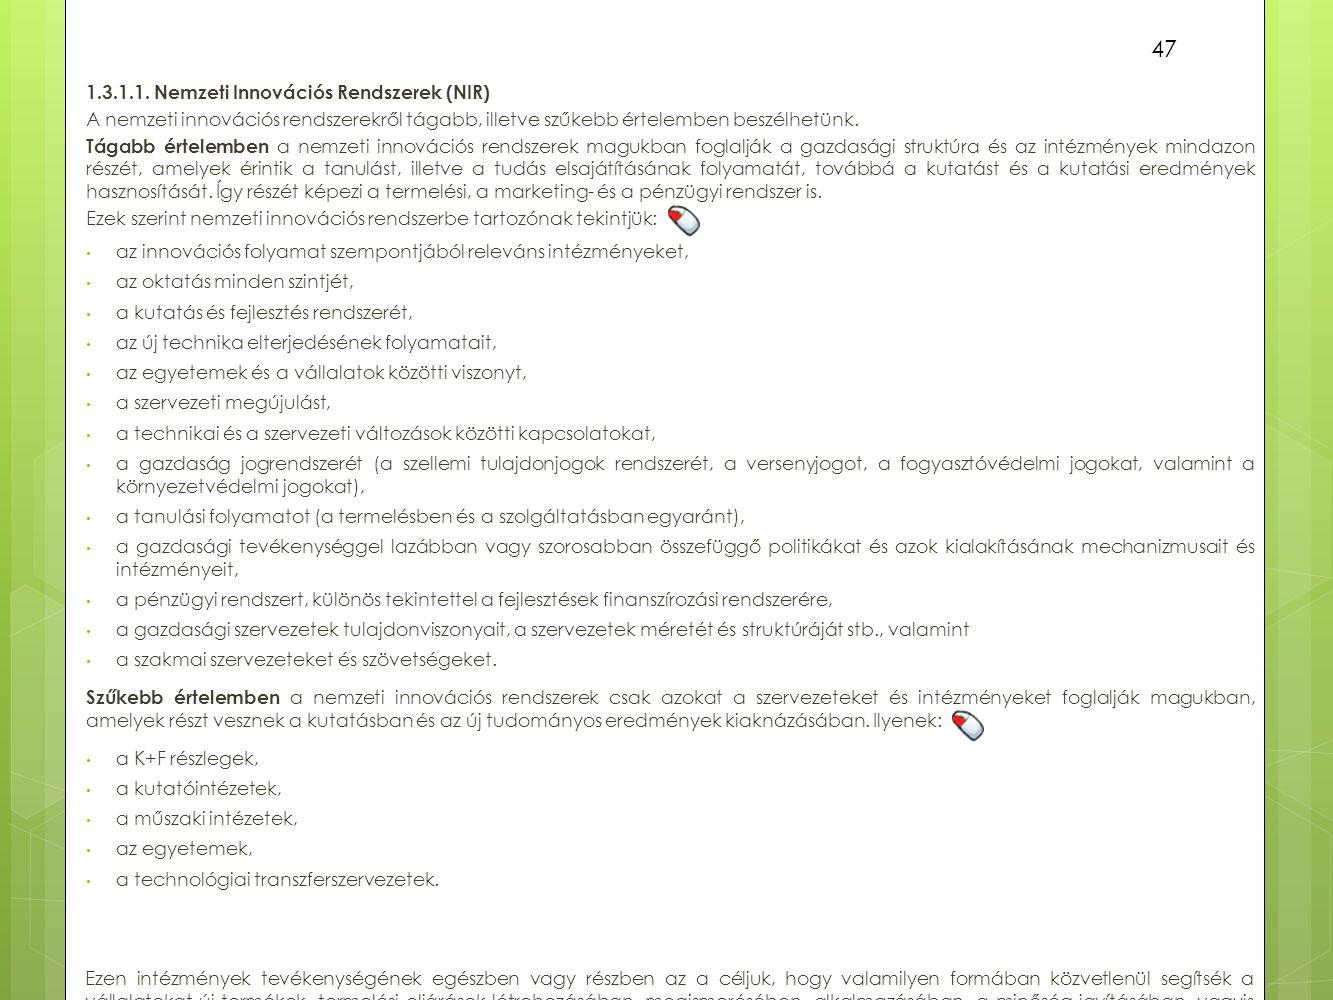 1.3.1.1. Nemzeti Innovációs Rendszerek (NIR)